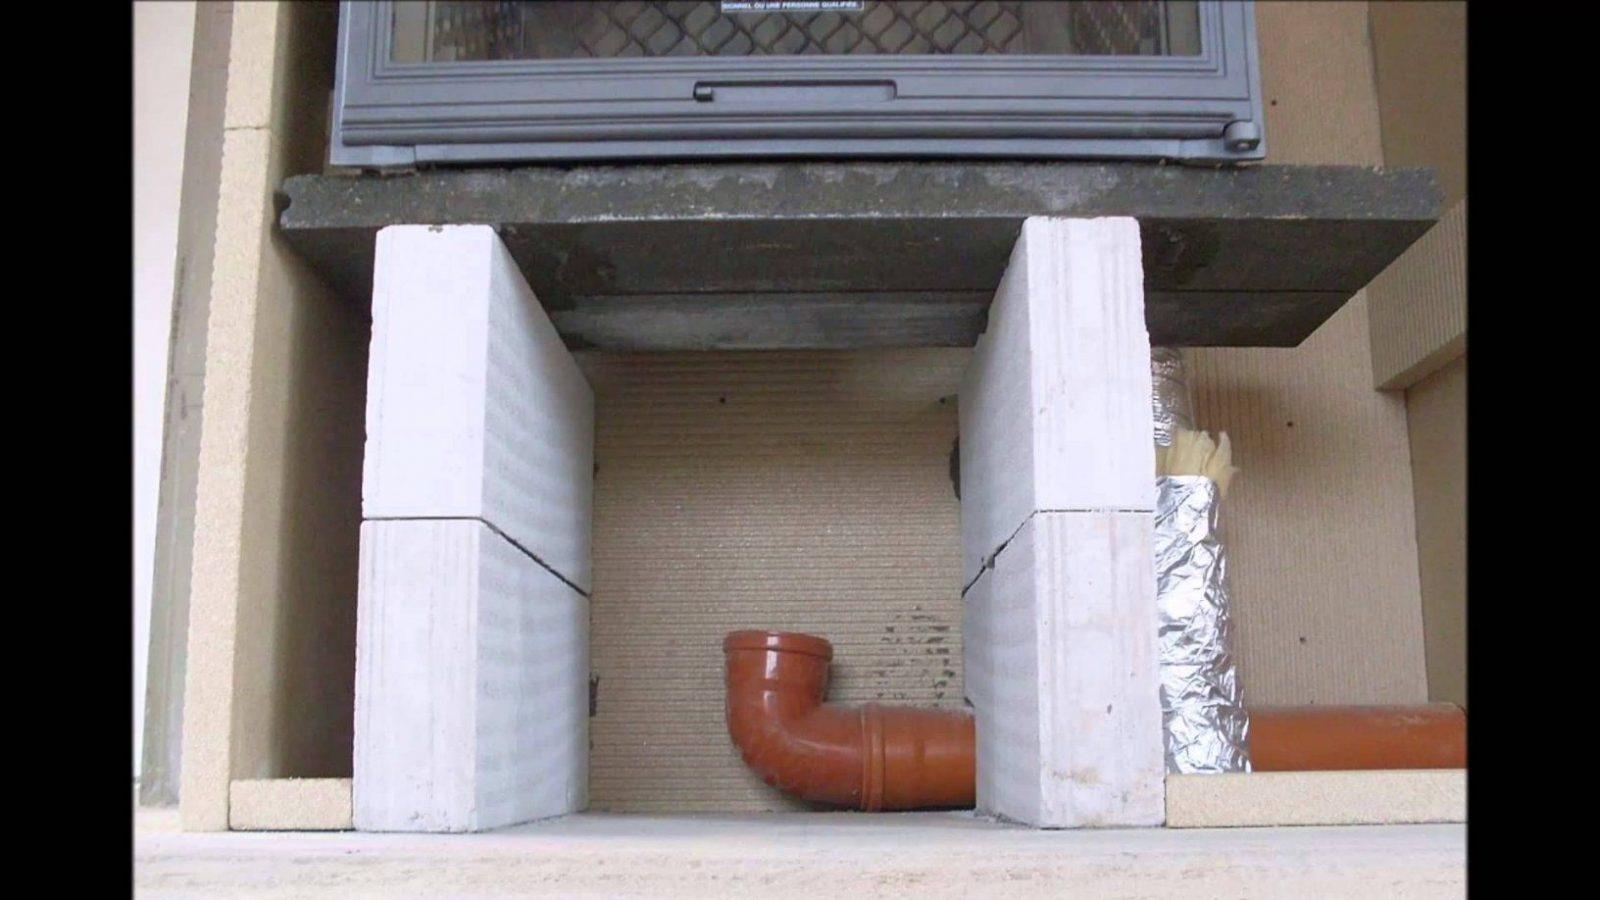 Kaminverkleidung Selber Bauen Leicht Gemacht  Kaminverkleidung Diy von Kamin Selbst Bauen Anleitung Photo